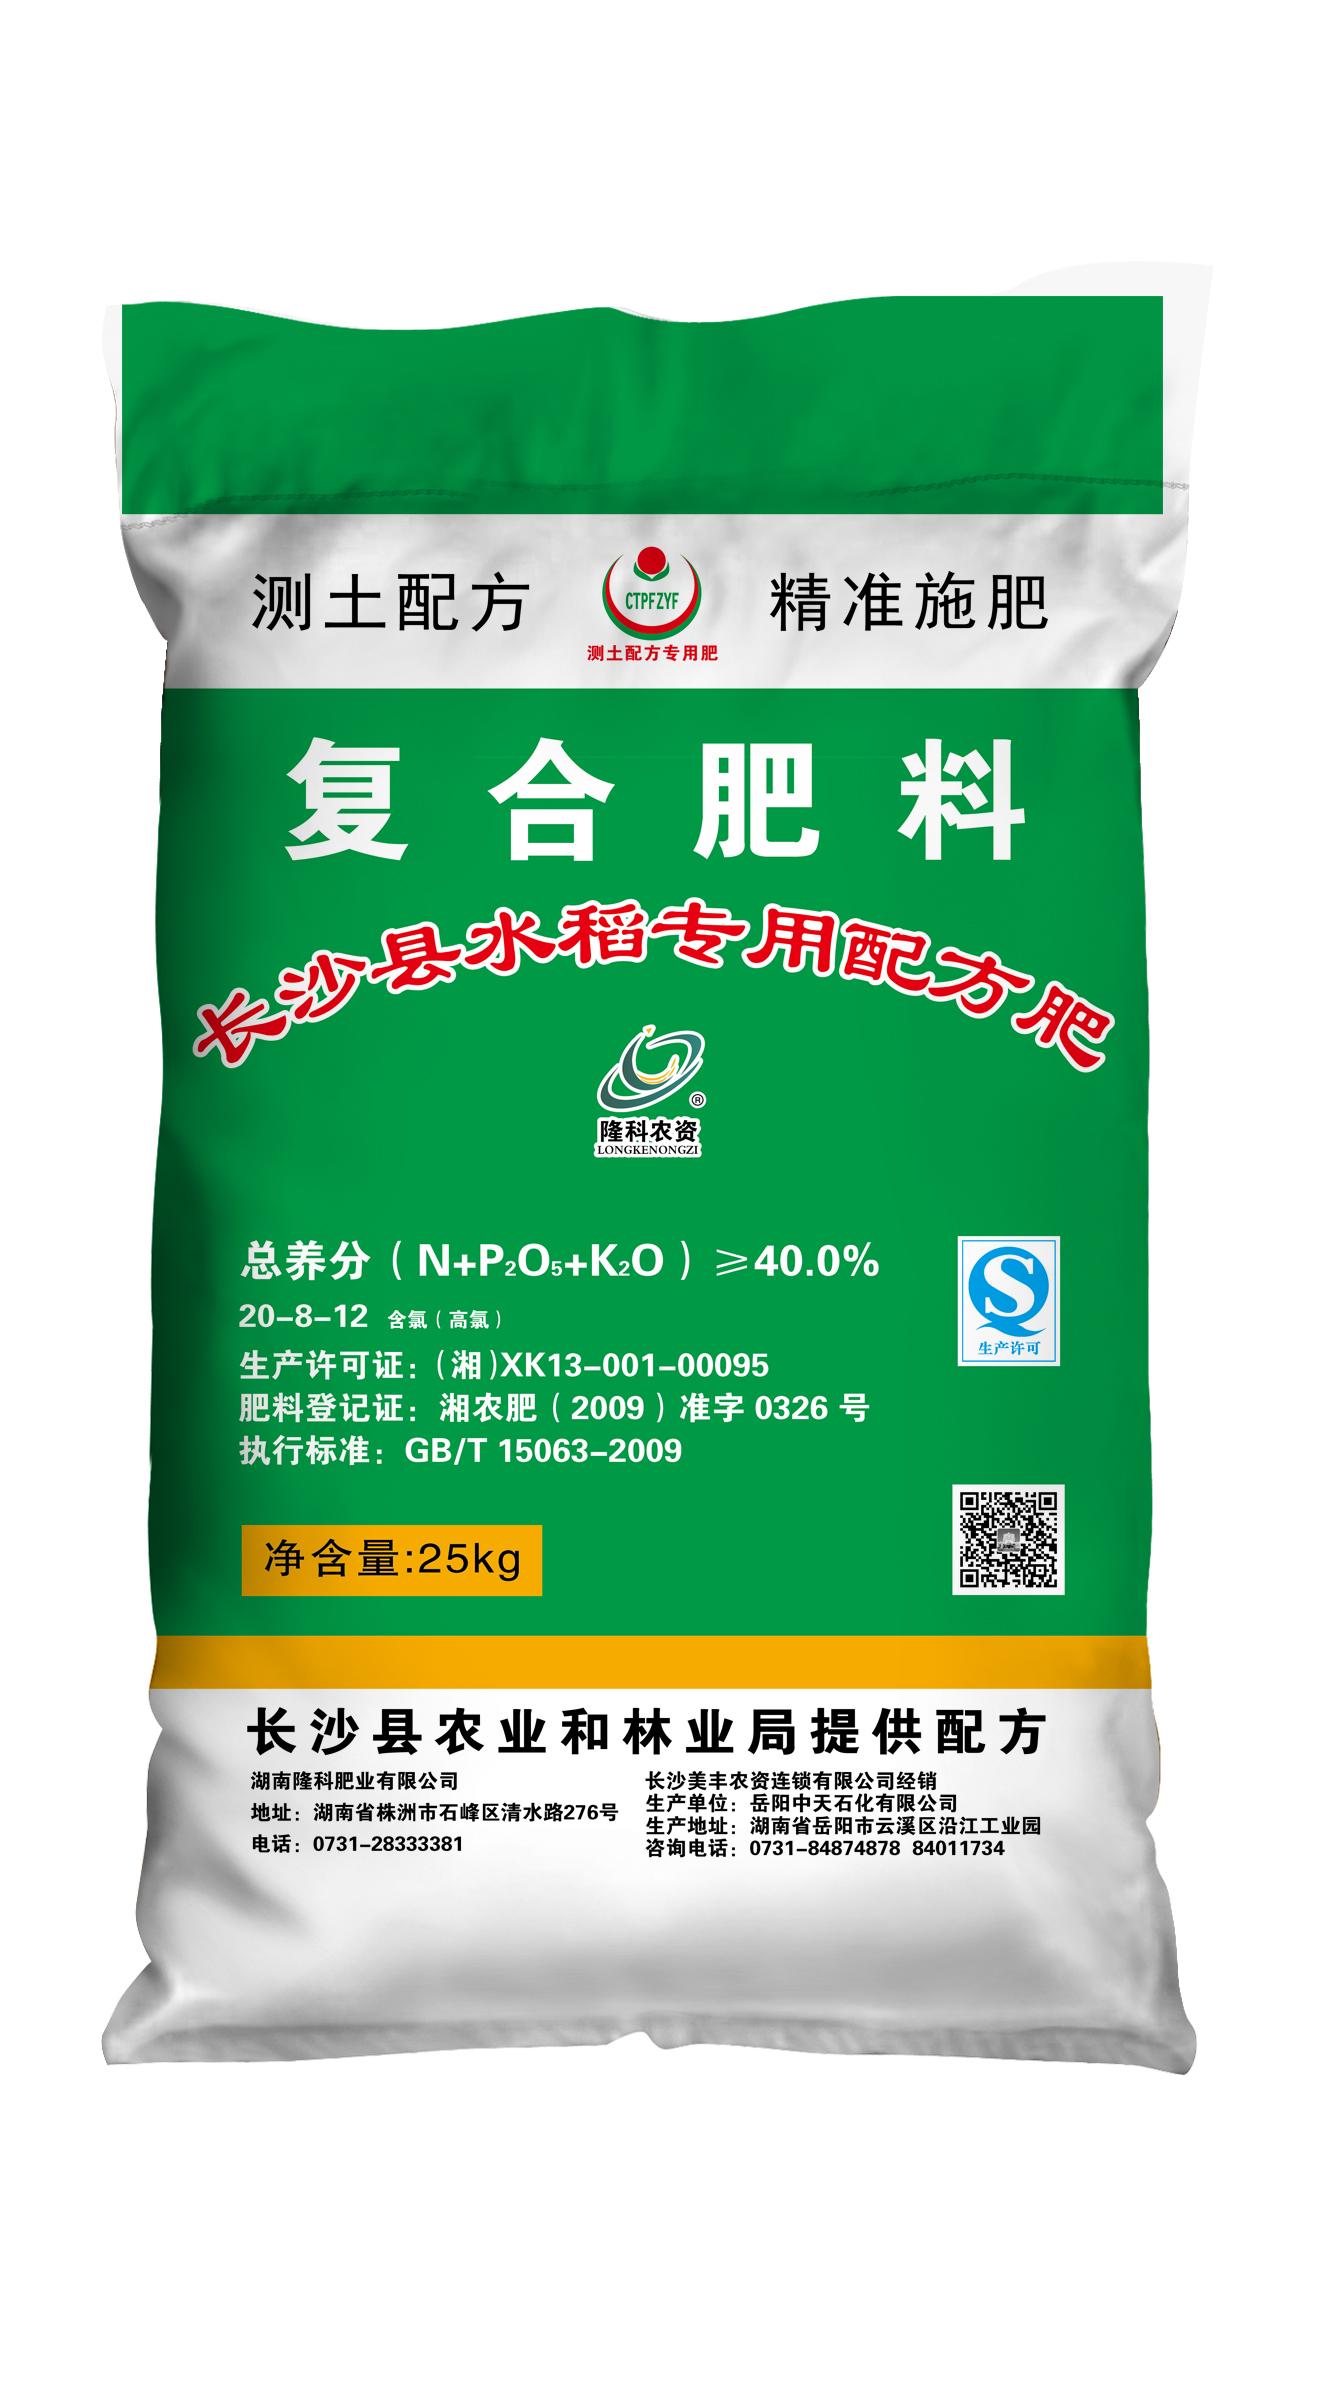 雷火竞技农资20-8-12复合肥料(水稻专用)